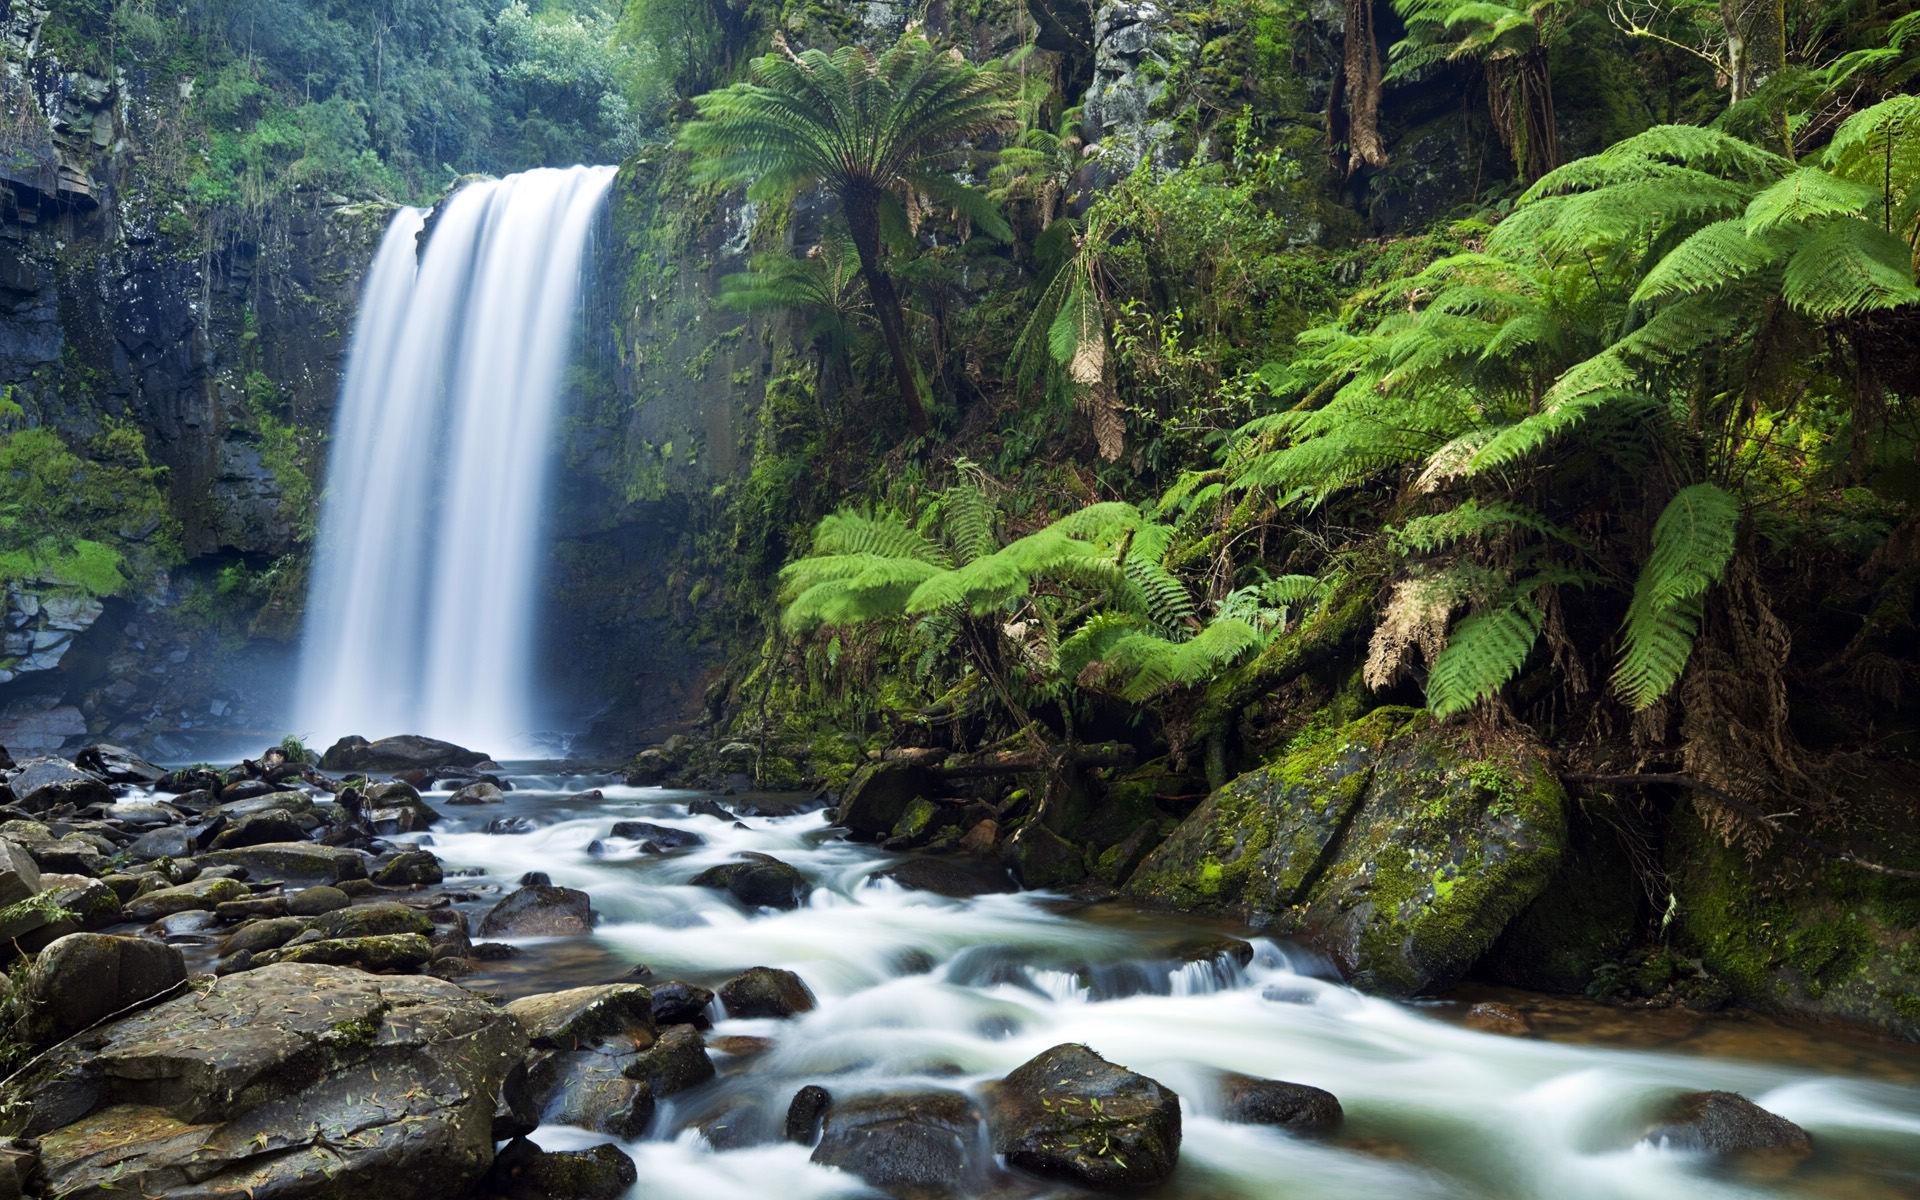 Rocky Waterfall Wallpaper 5322